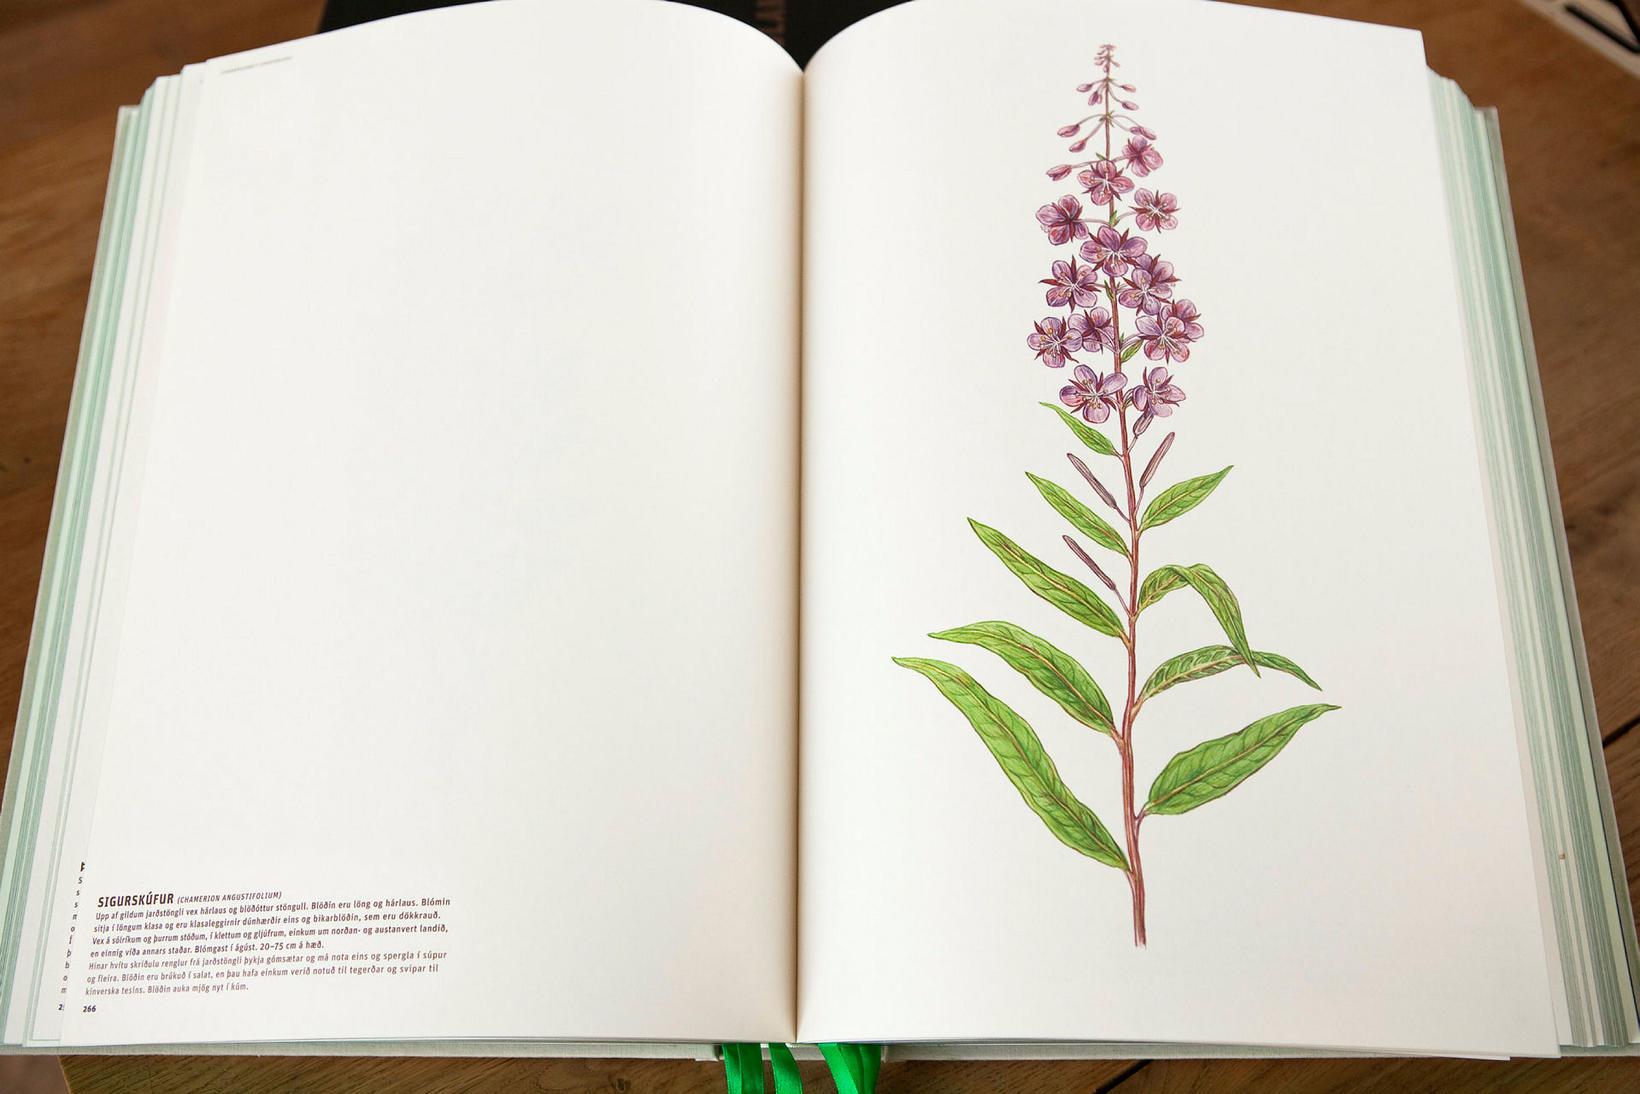 Meðal bóka sem Crymogea gaf út var Flora Islandica.